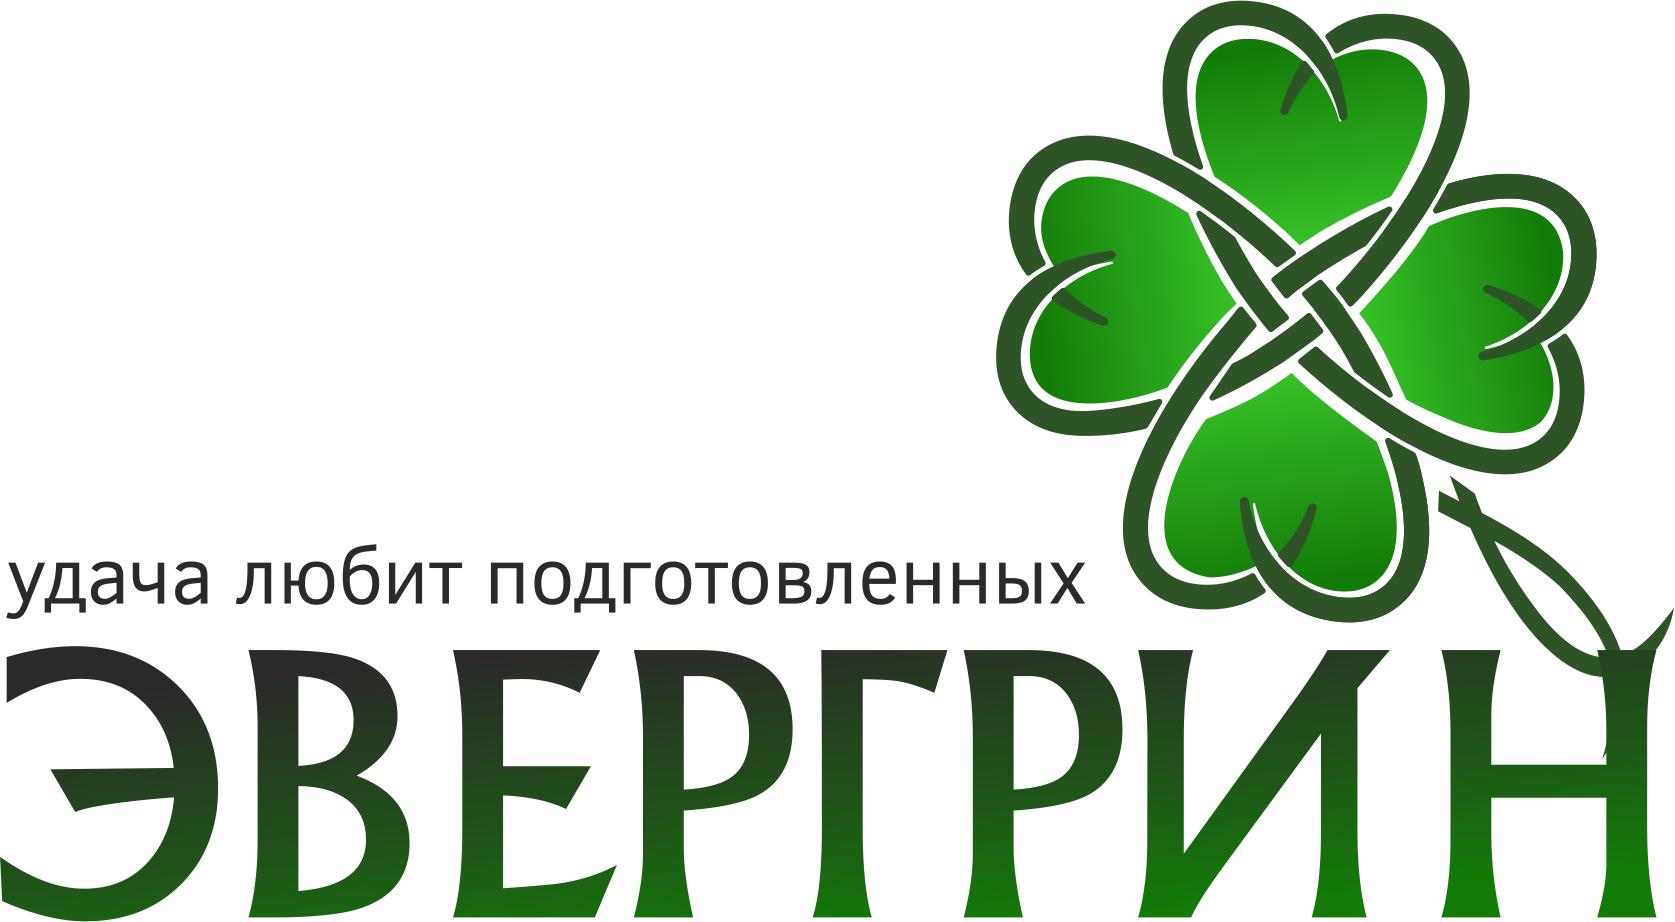 Работа в компании «Эвергрин» в Москвы